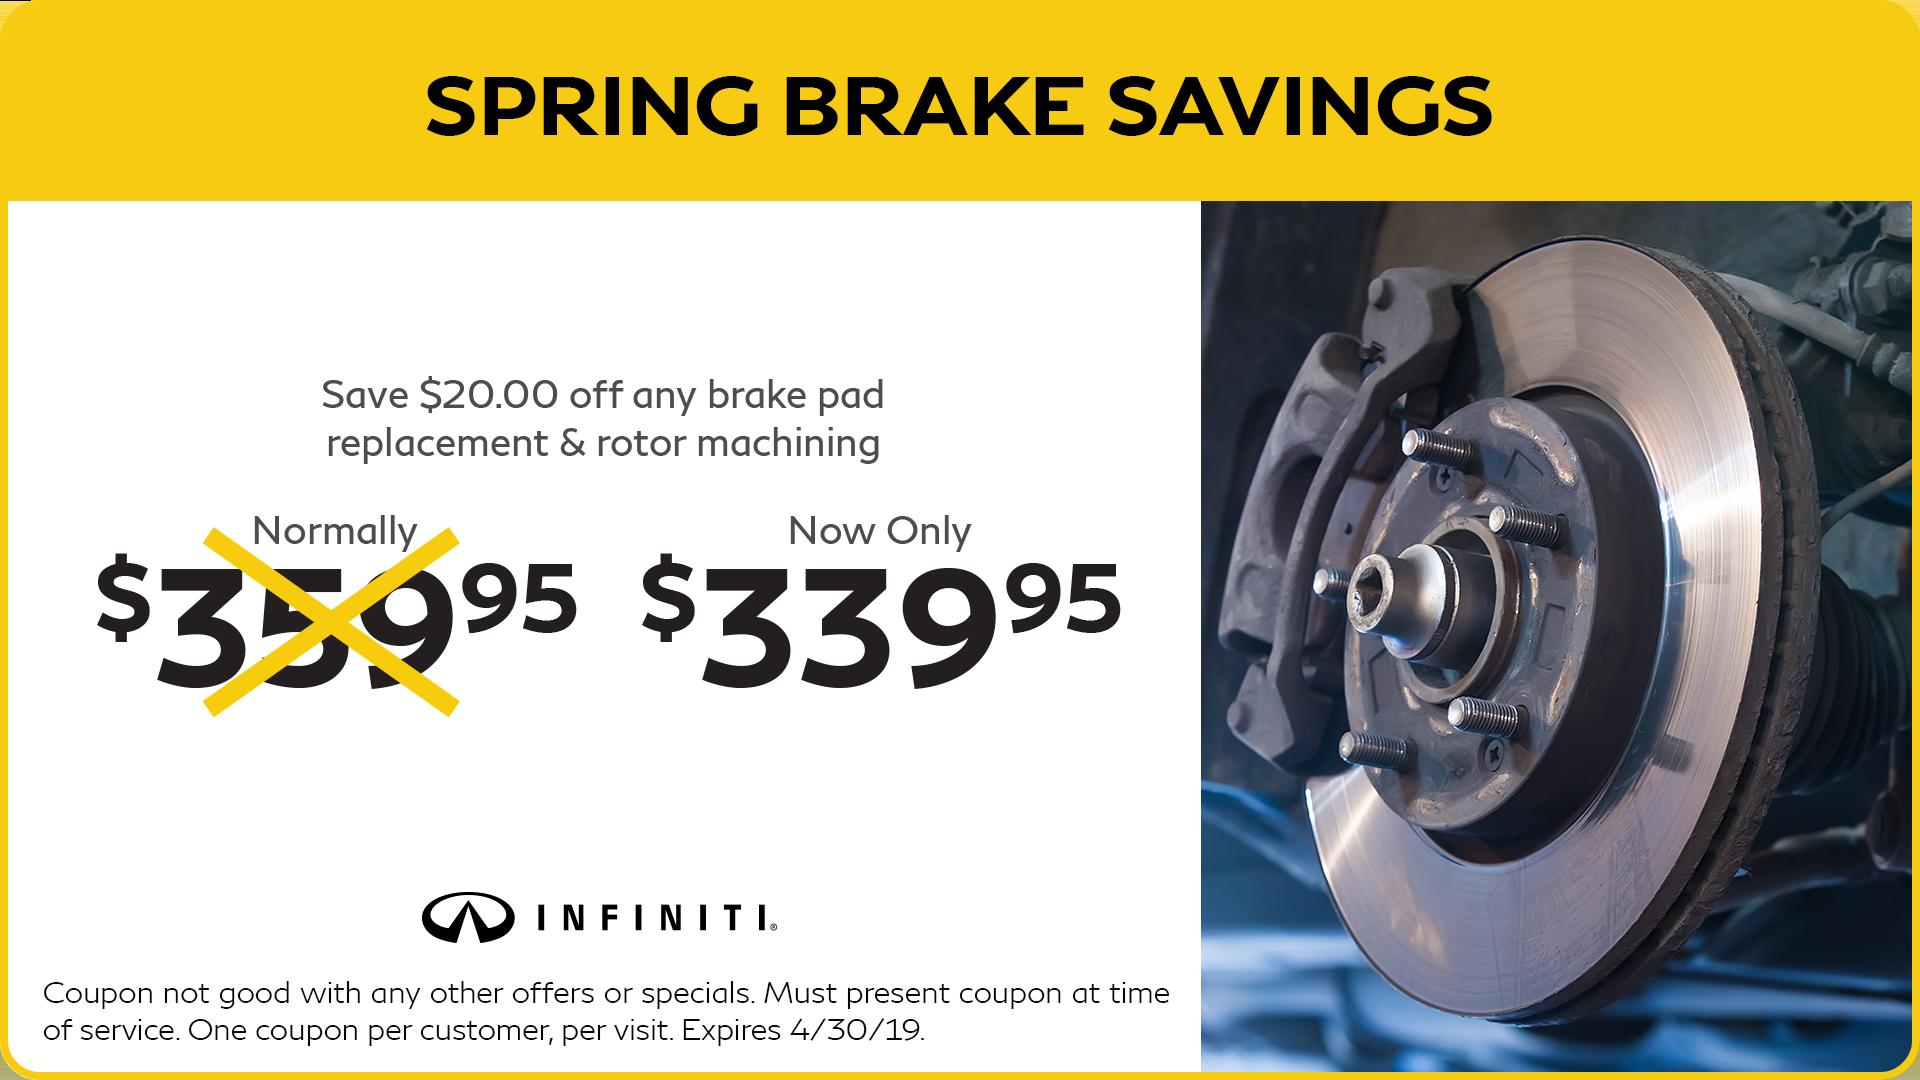 Spring Brake Savings